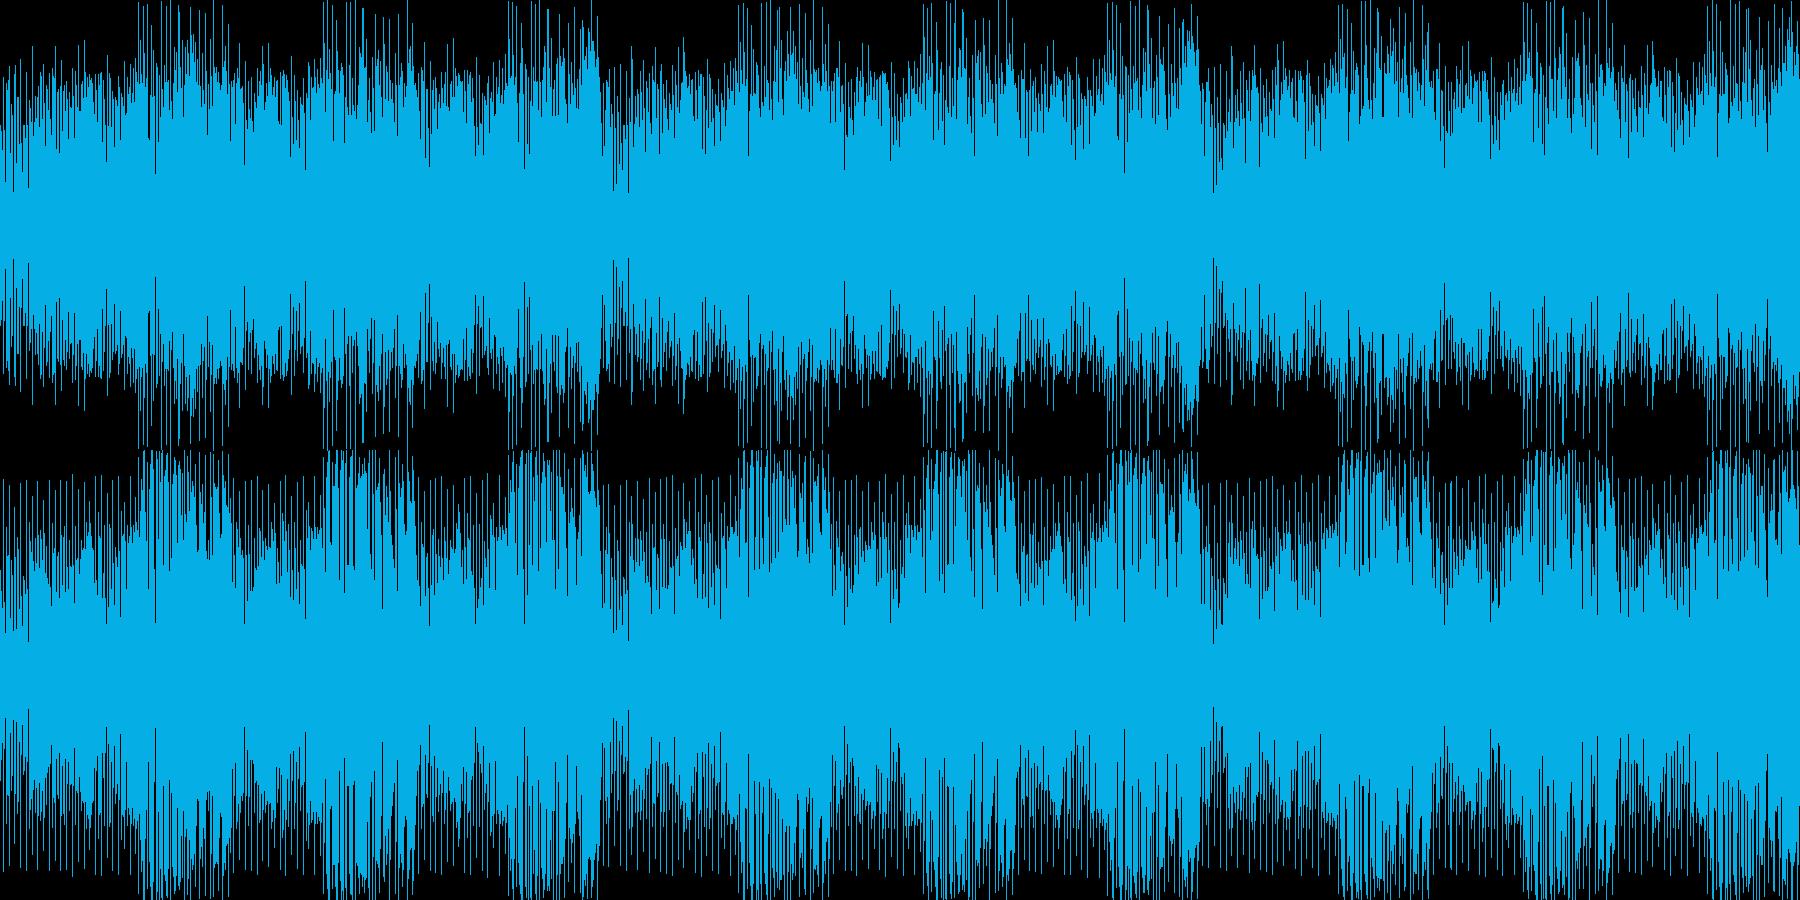 レッスンをしている感じの再生済みの波形